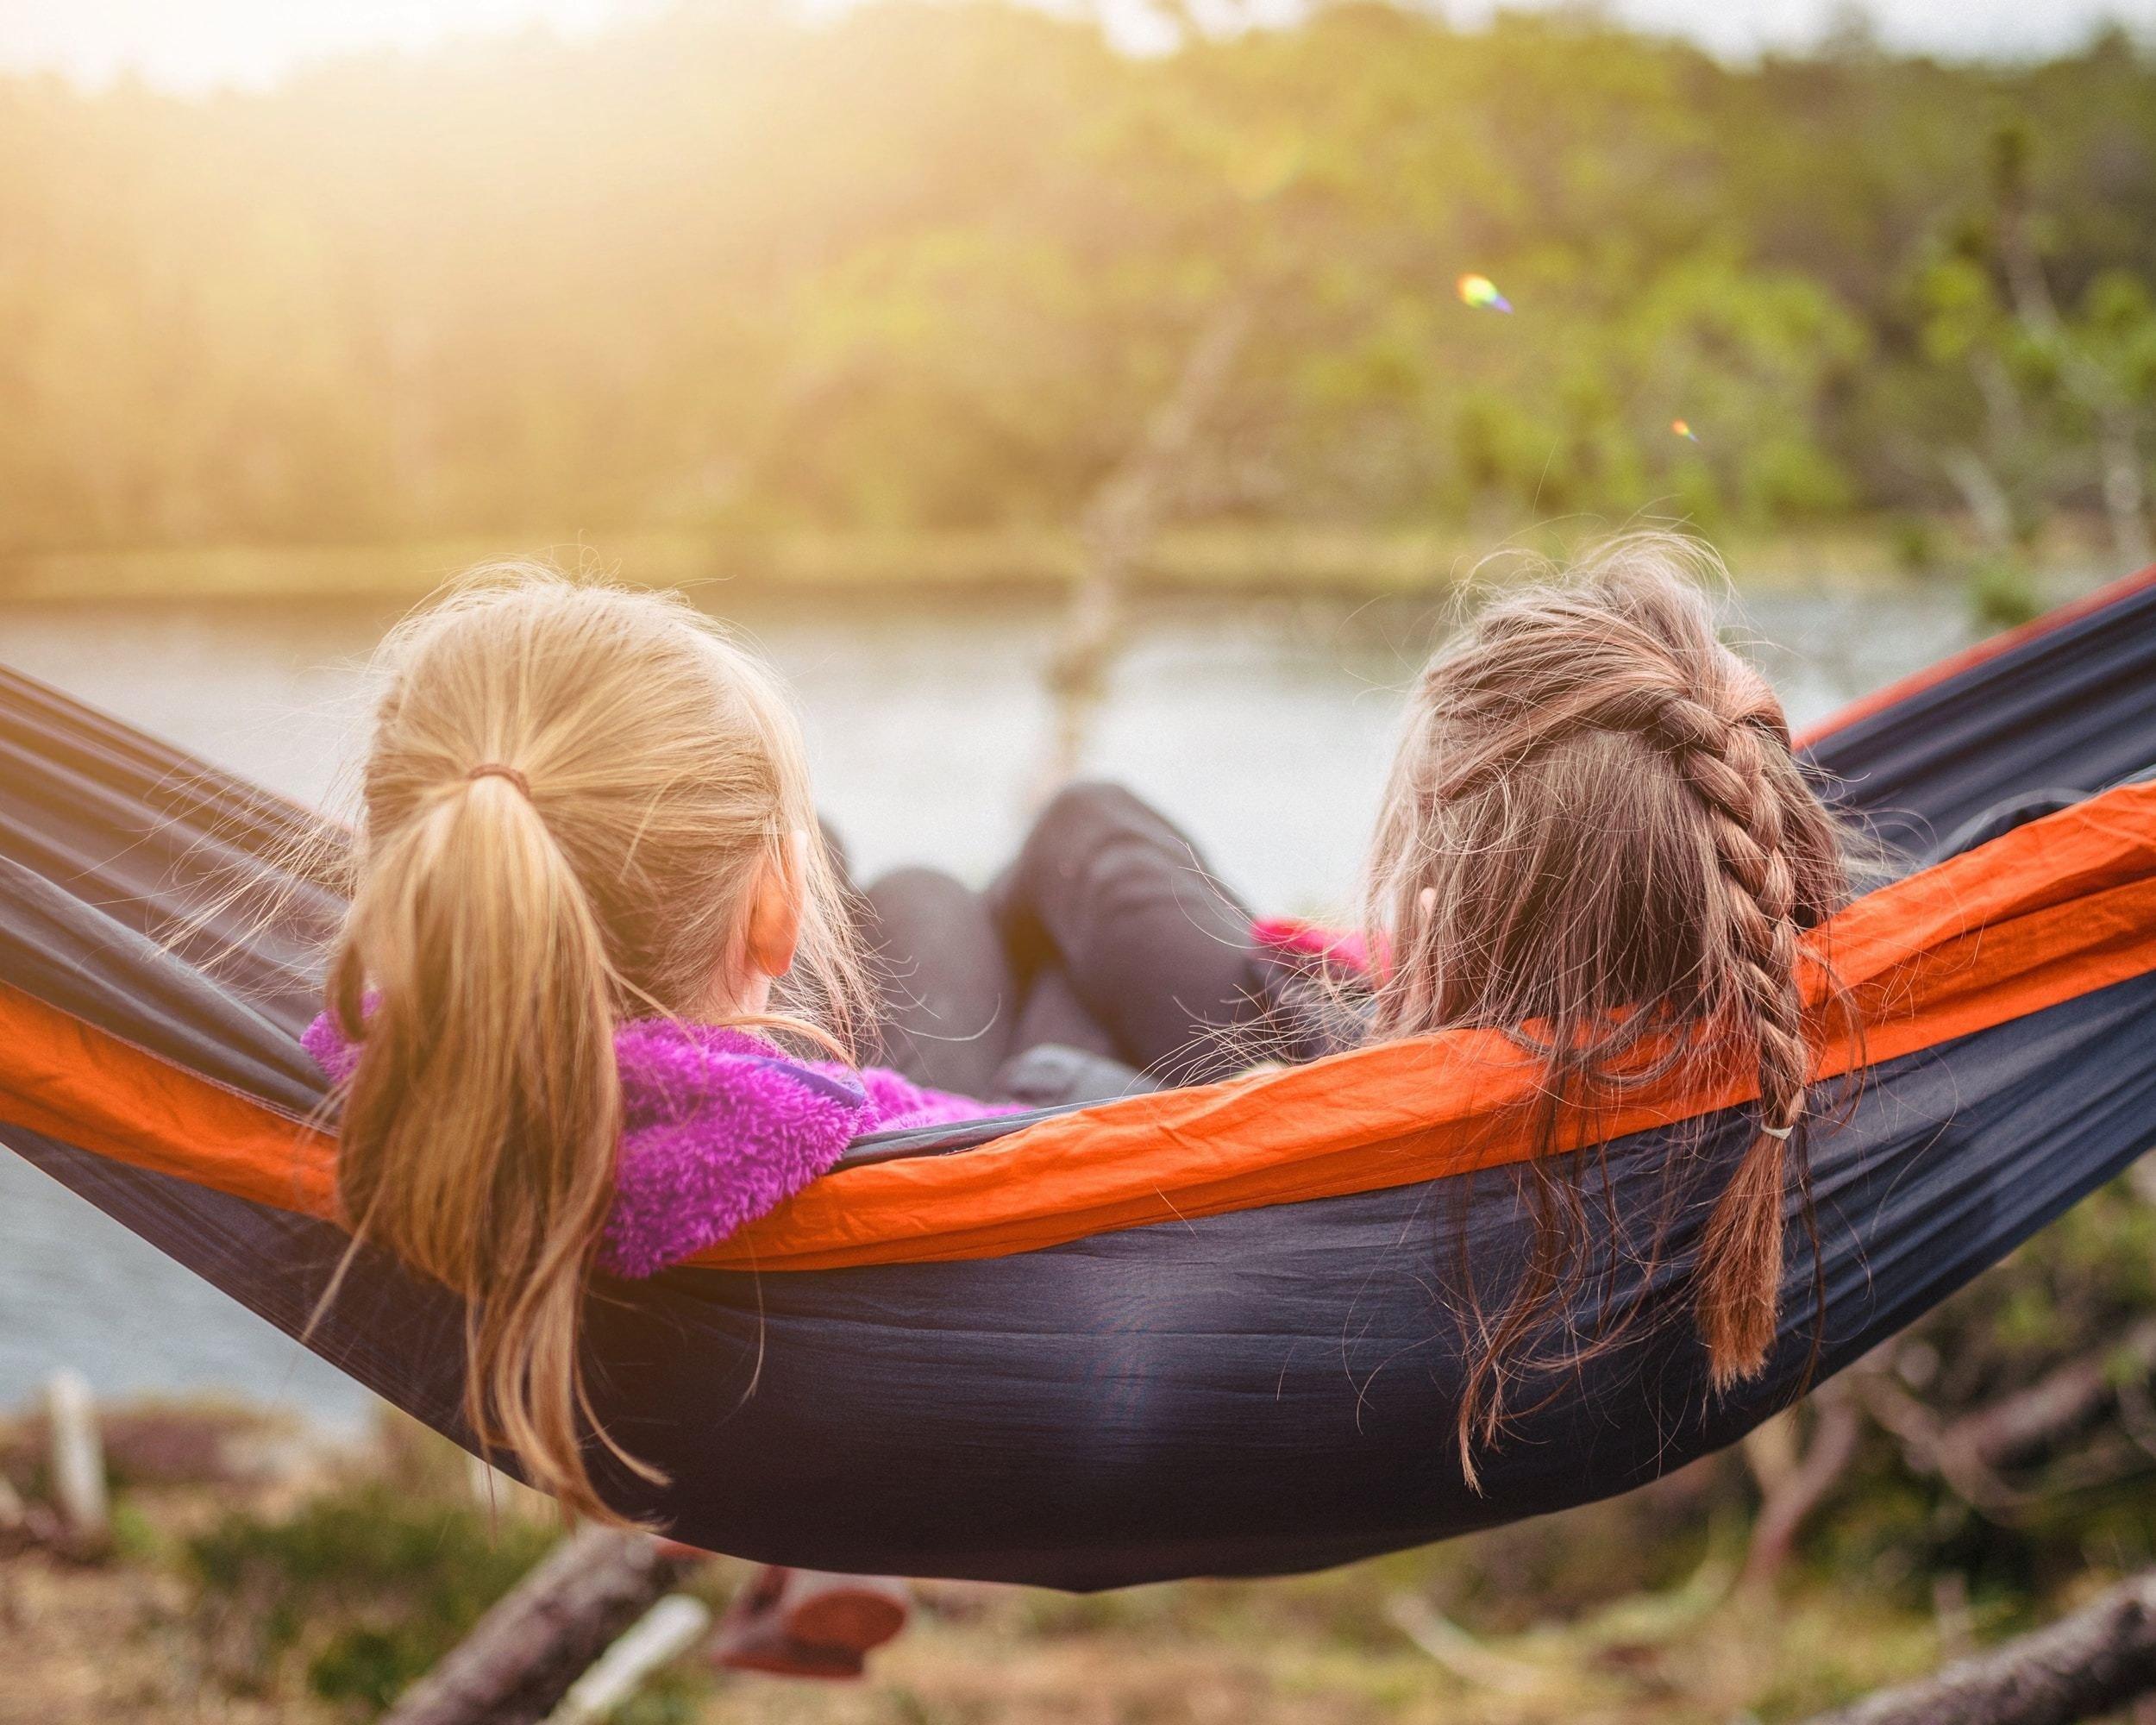 איך מספרים לילדים שאנחנו מתגרשים?